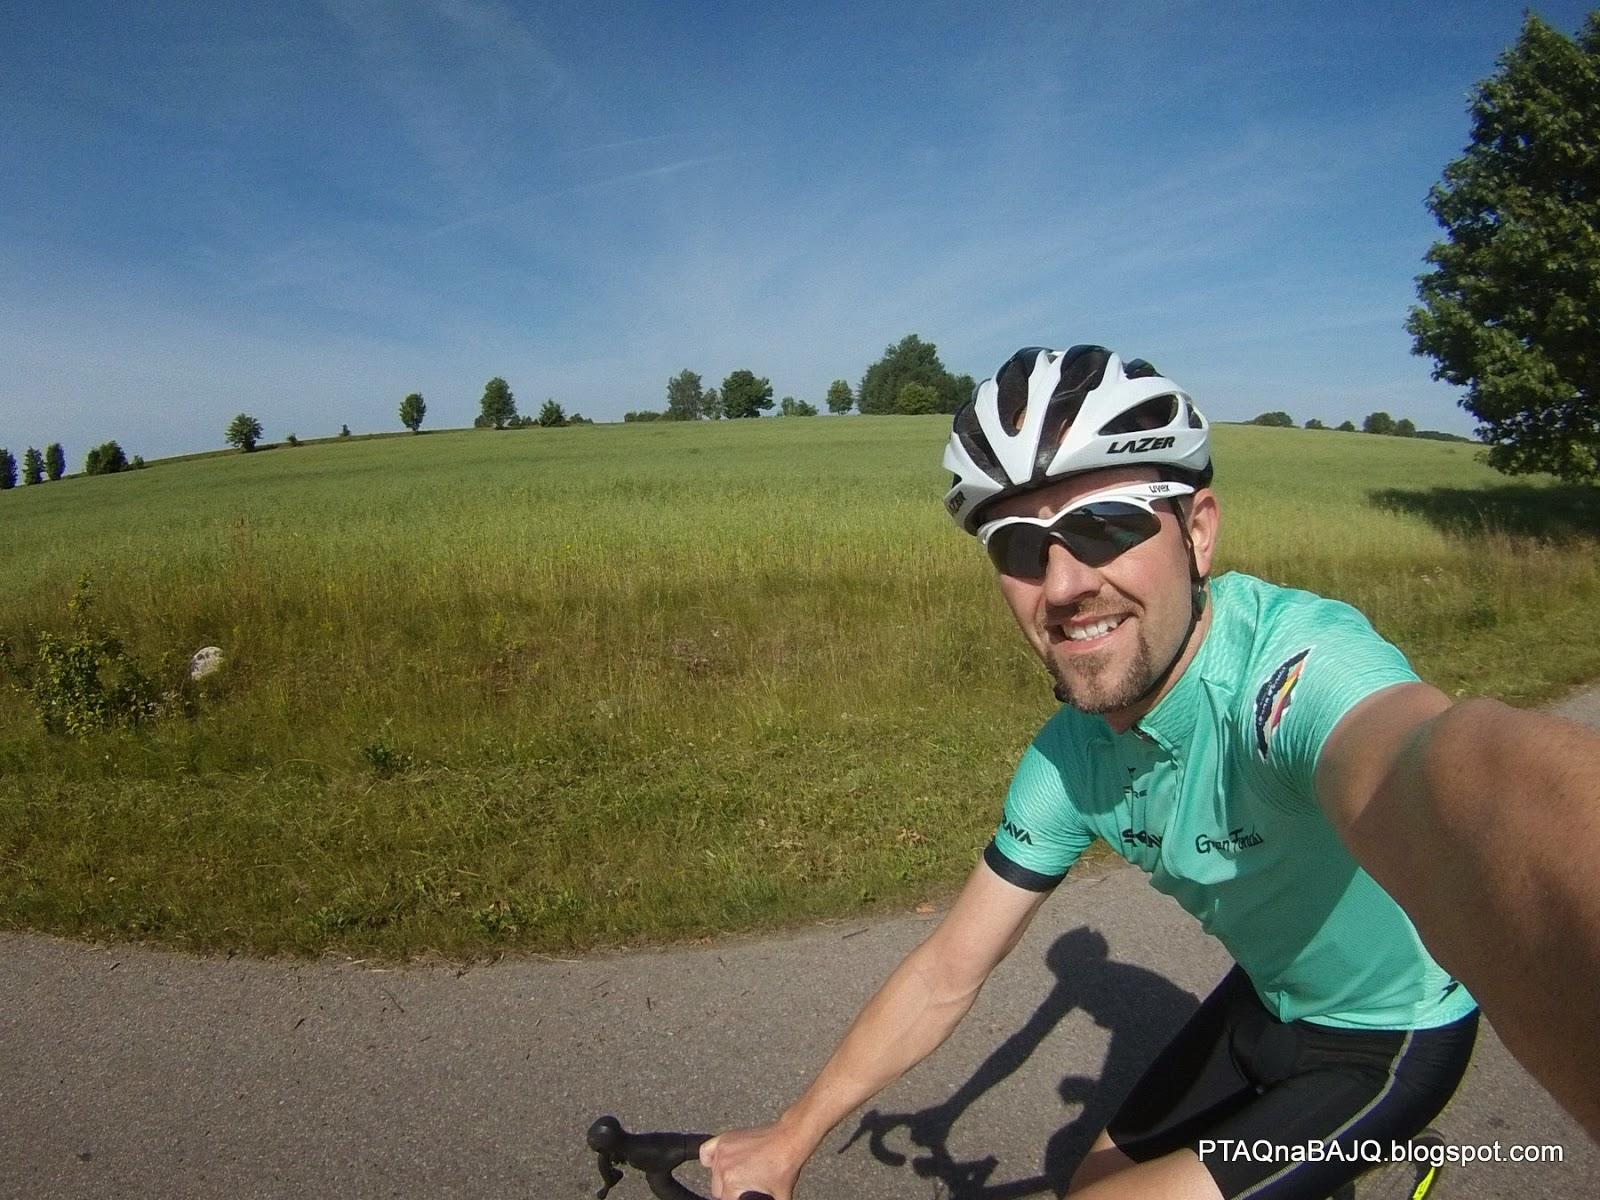 FILE2273 - Własnie dlatego kocham rower